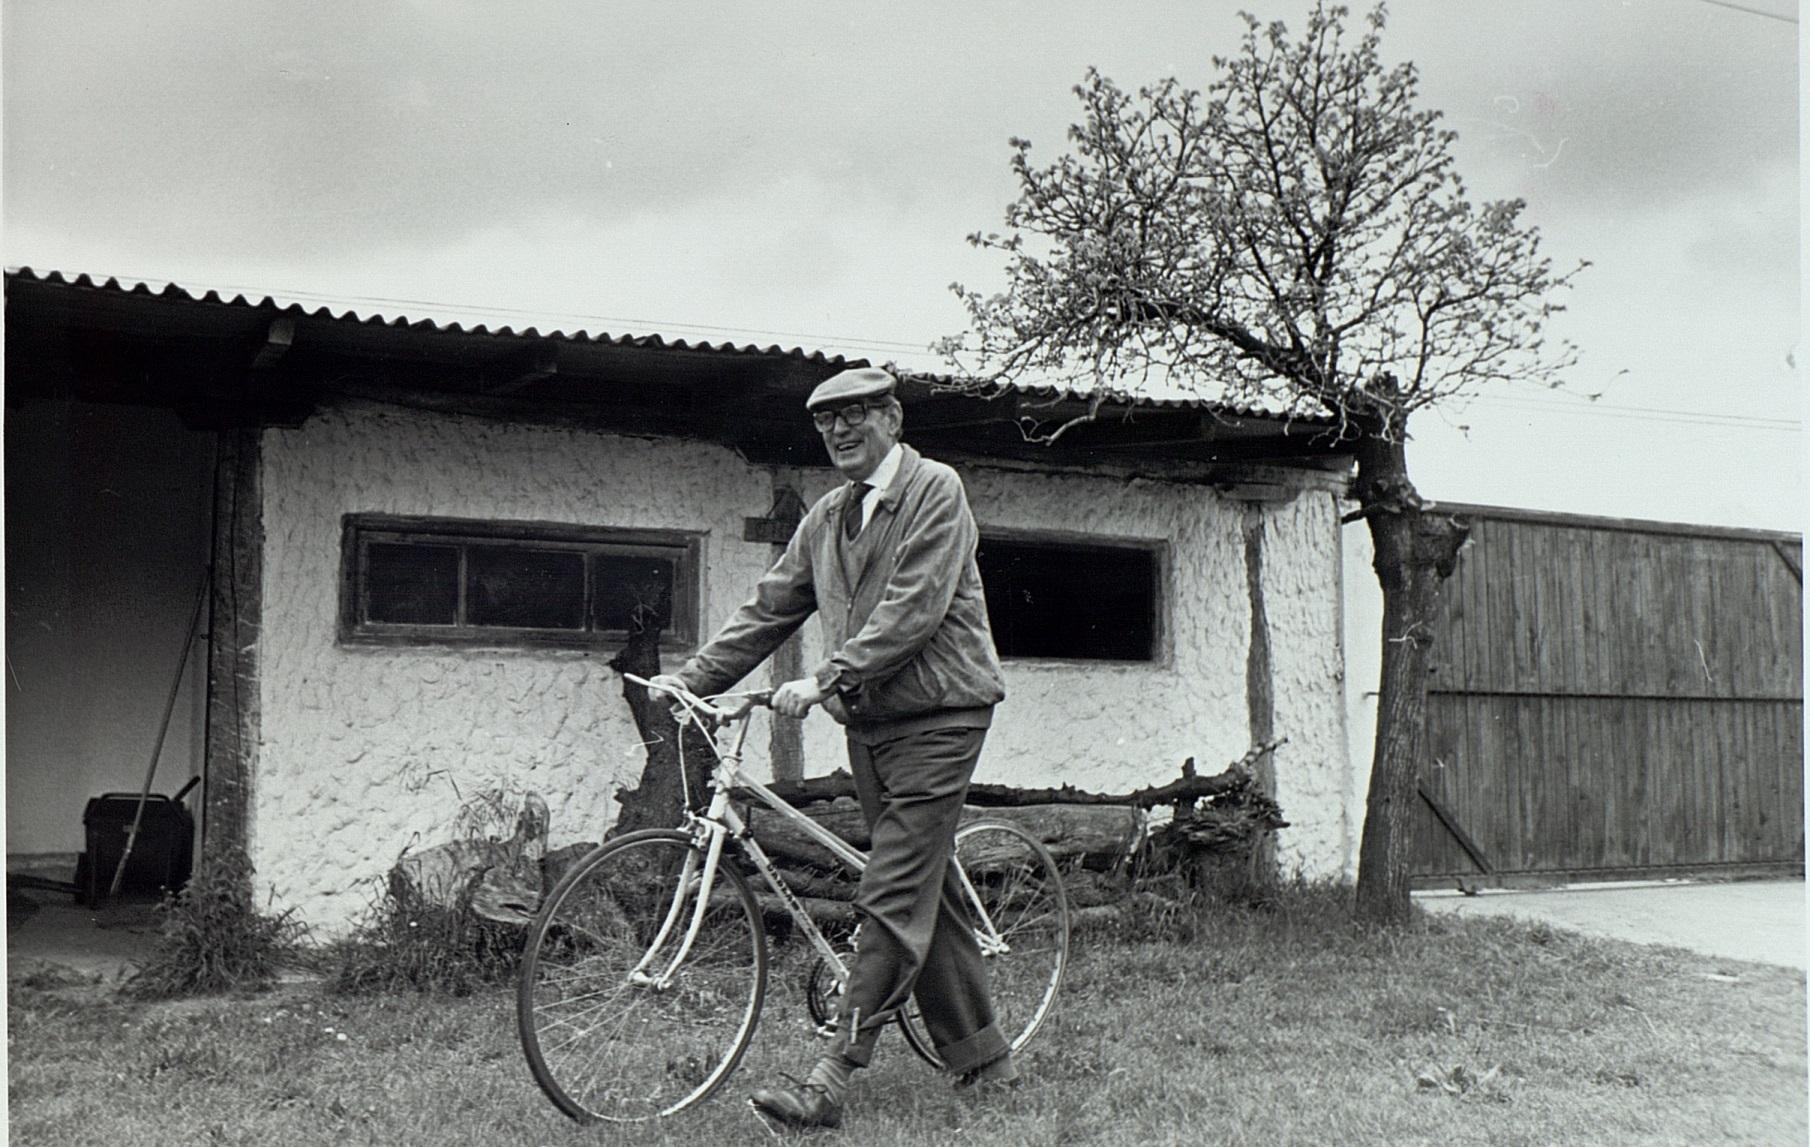 Miguel Delibes y Eibar